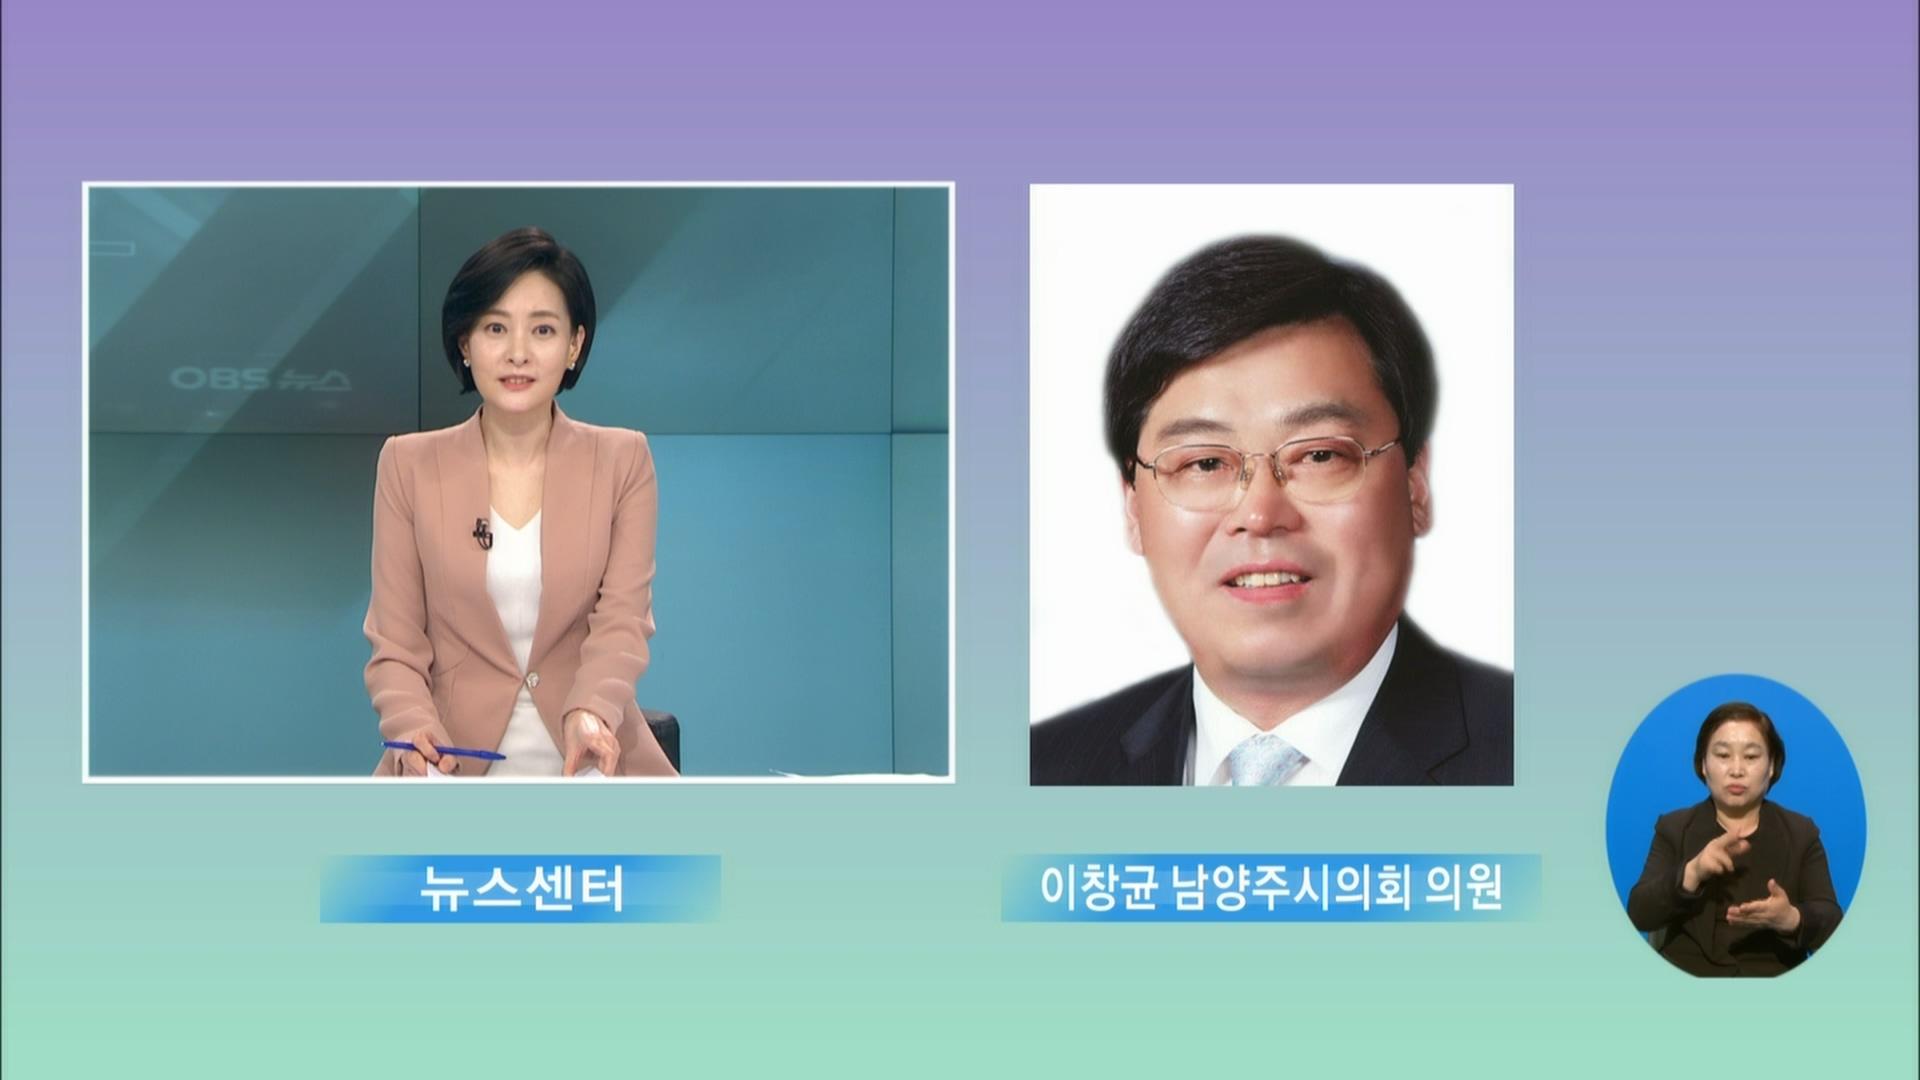 [OBS 전격 인터뷰] '다산신도시 실버택배 지원' 백지화 결정